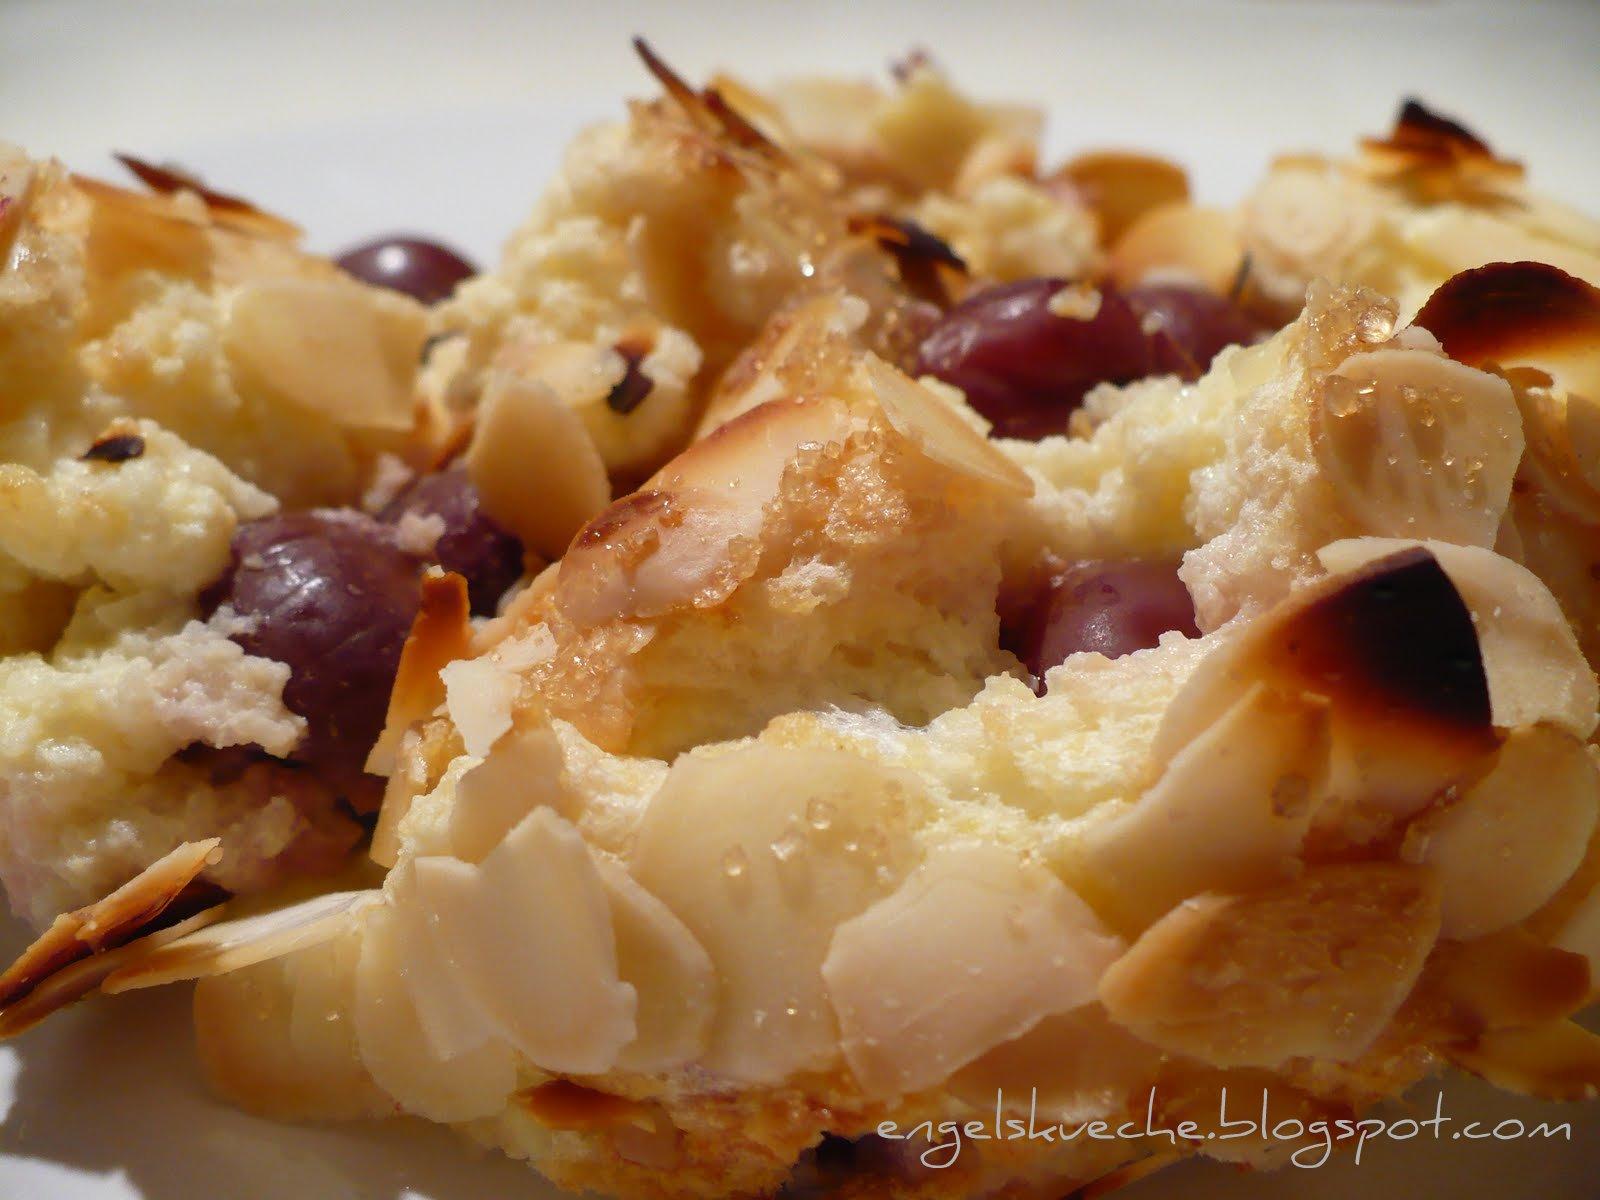 Essen Aus Engelchens Kuche Quark Griess Auflauf Mit Kirschen